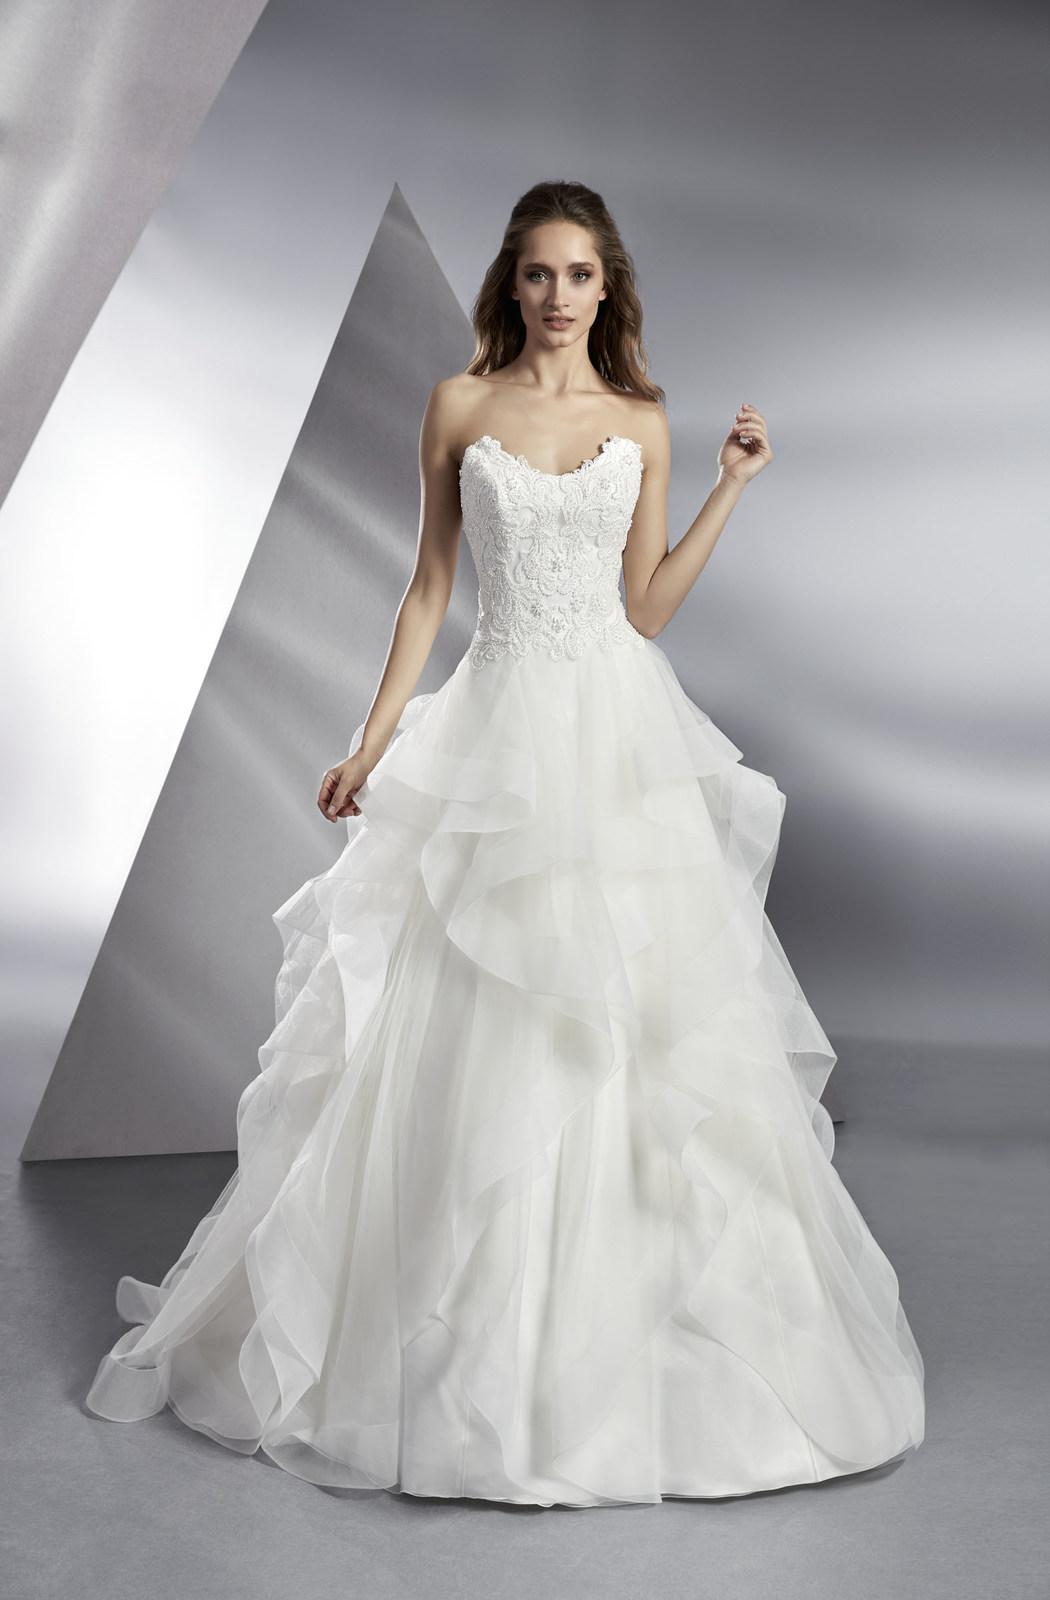 Brautkleid Bari 2590 von Modeca auf Ja.de